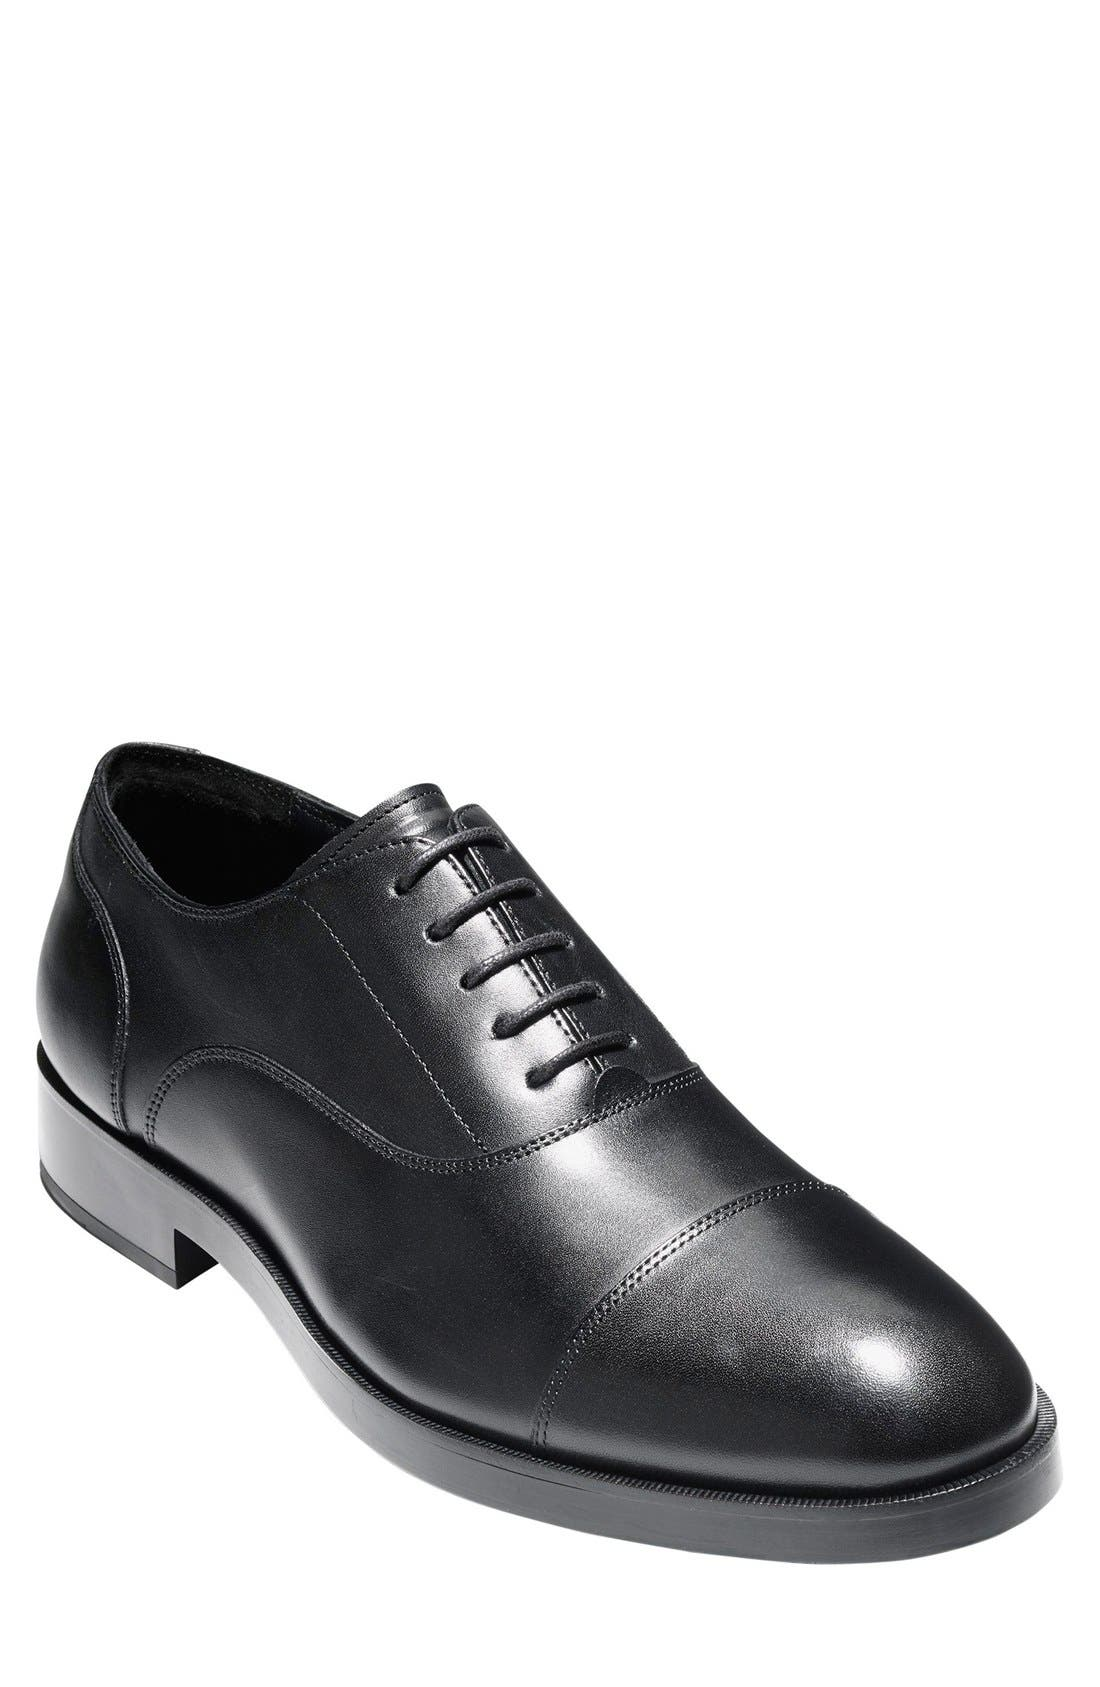 Men's Black Dress Shoes | Nordstrom